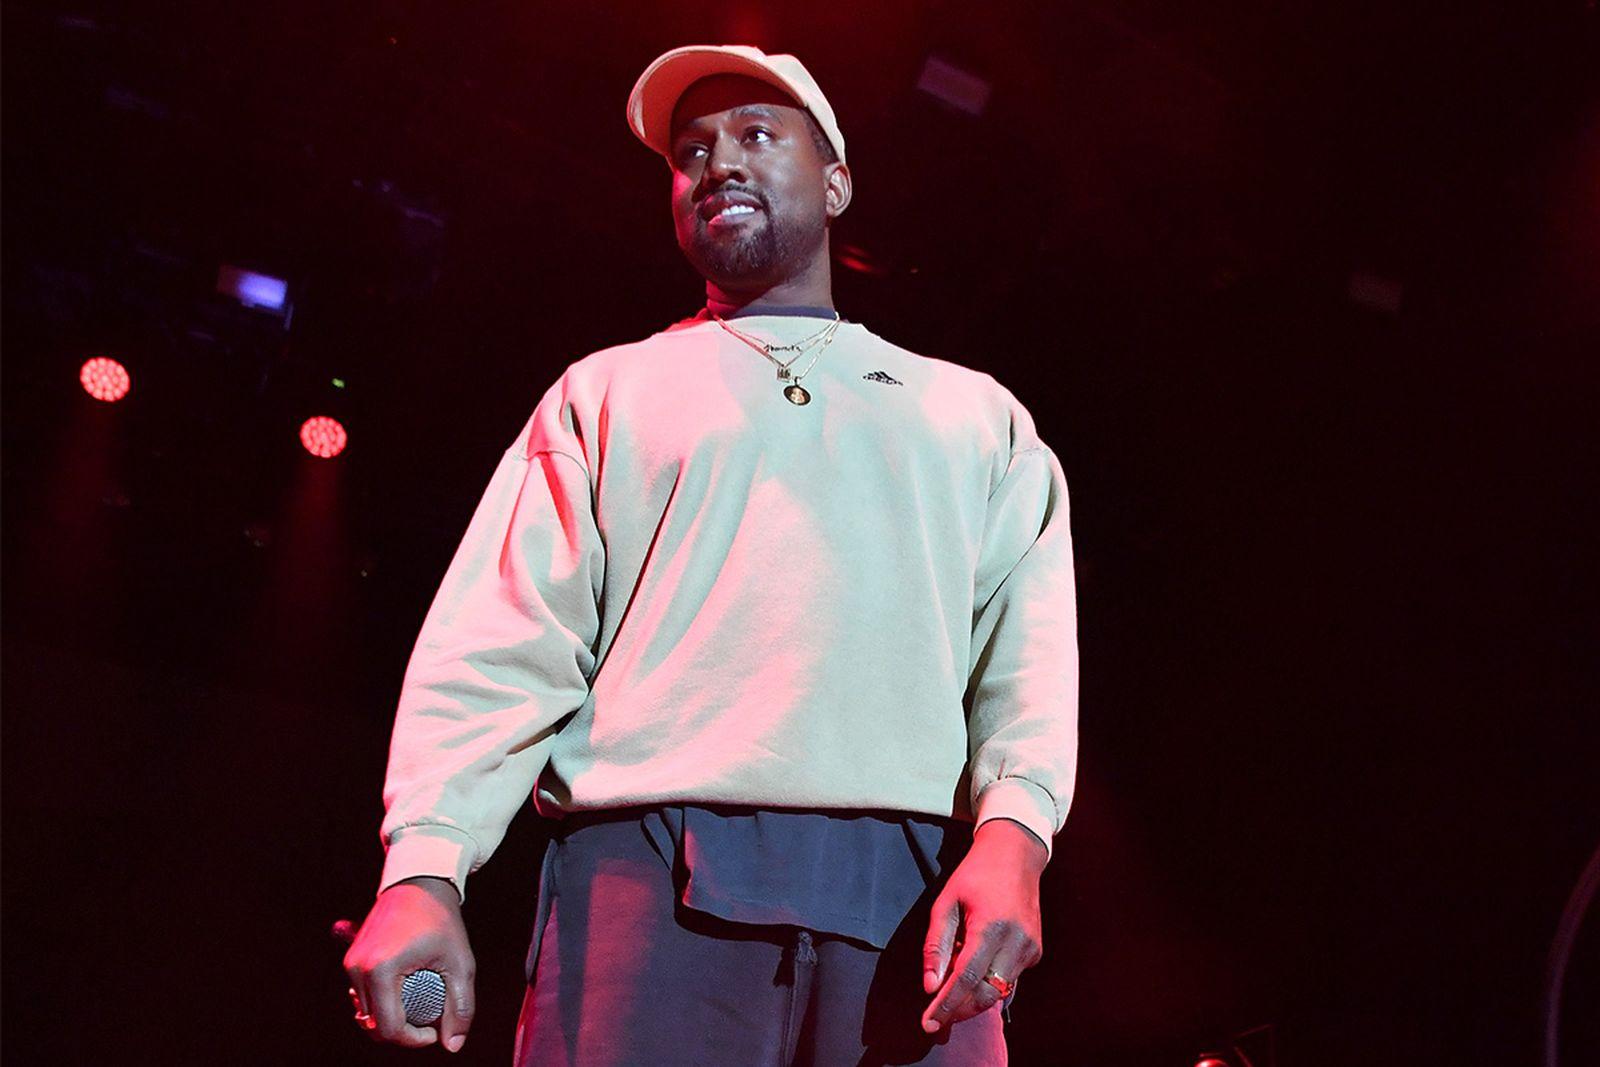 kanye jesus king tracklist confirmed Ariana Grande Bad Boys for Life Nike